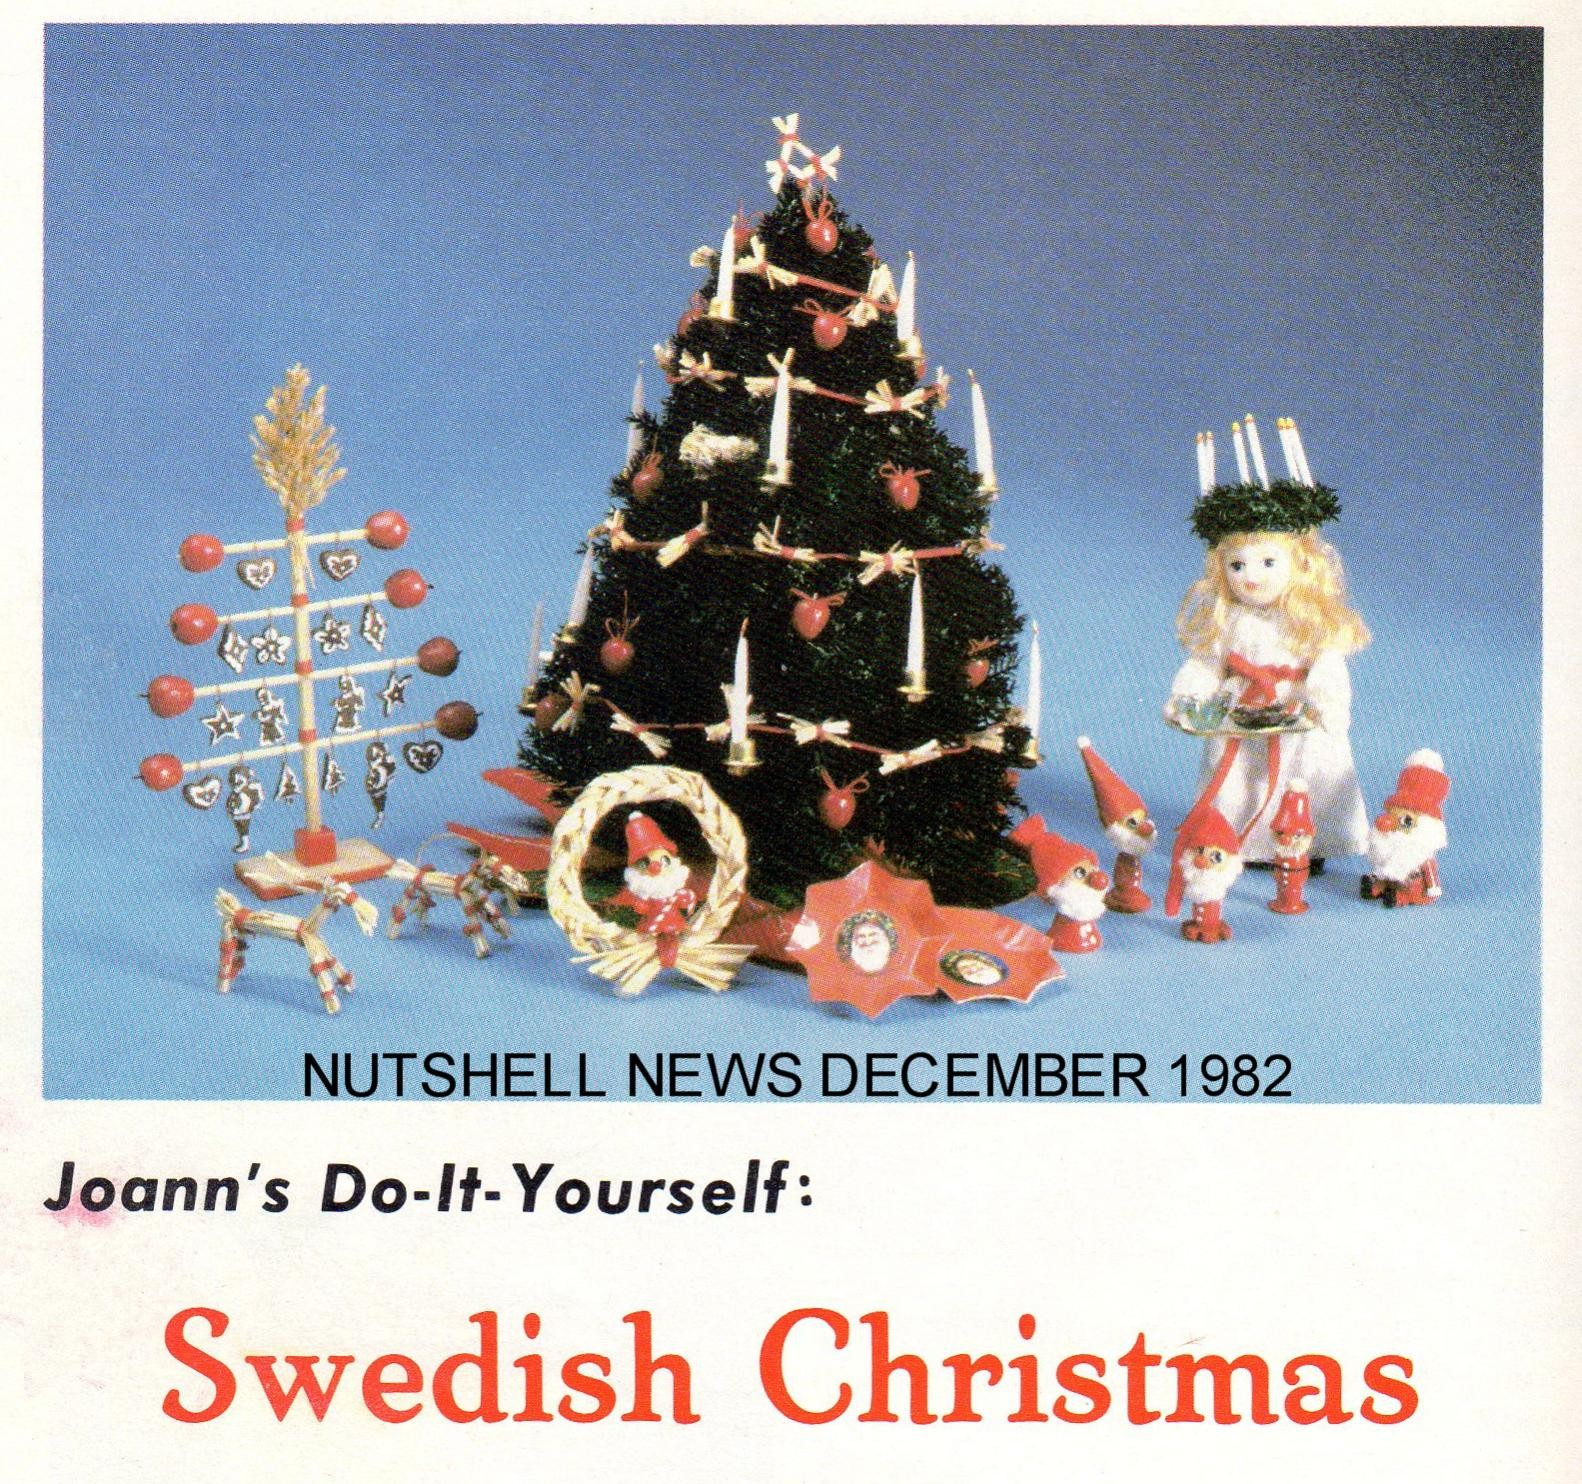 a swedish christmas - Swedish Christmas Tree